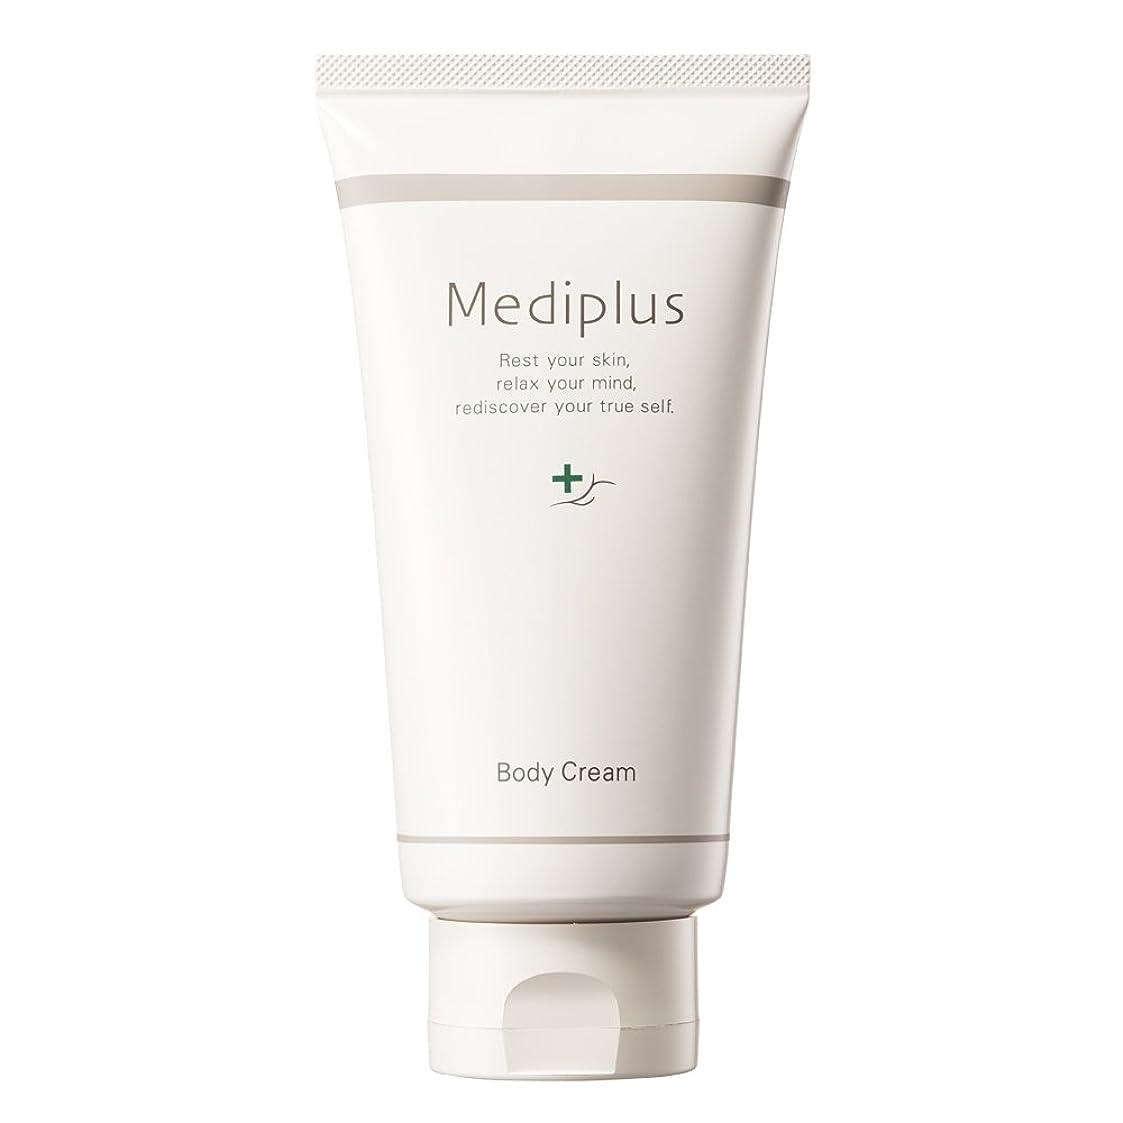 悪夢簡潔な株式mediplus メディプラスボディクリーム 150g(約2ヵ月分)